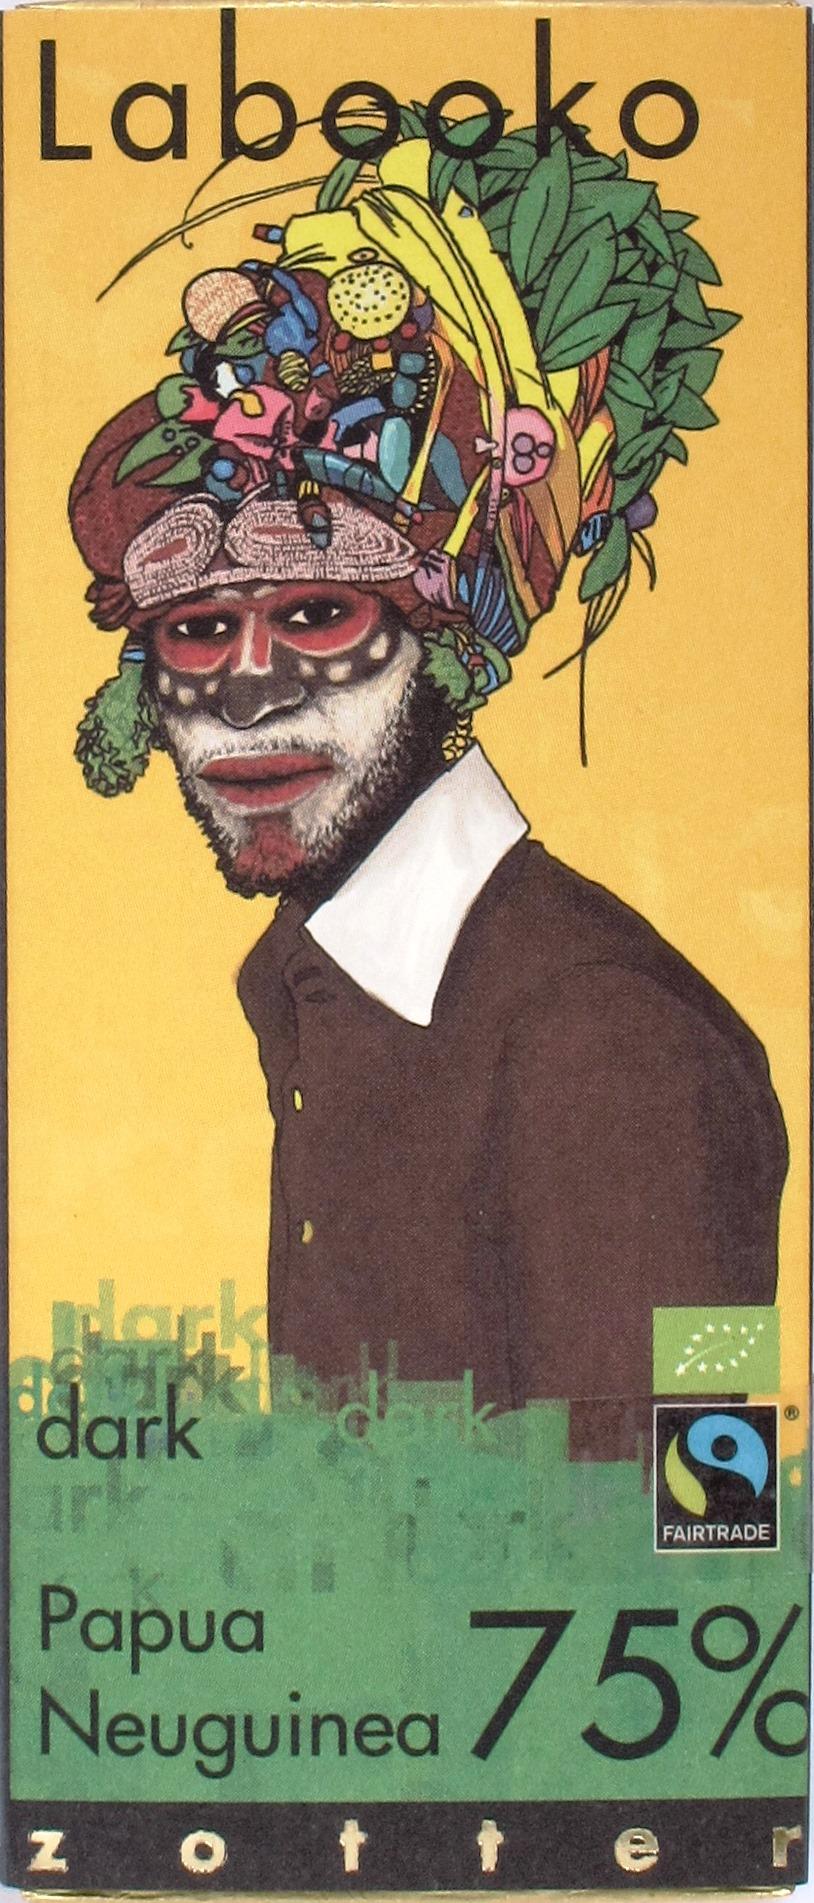 Zotter/Labooko Papua Neuguinea 75%: Vorderseite